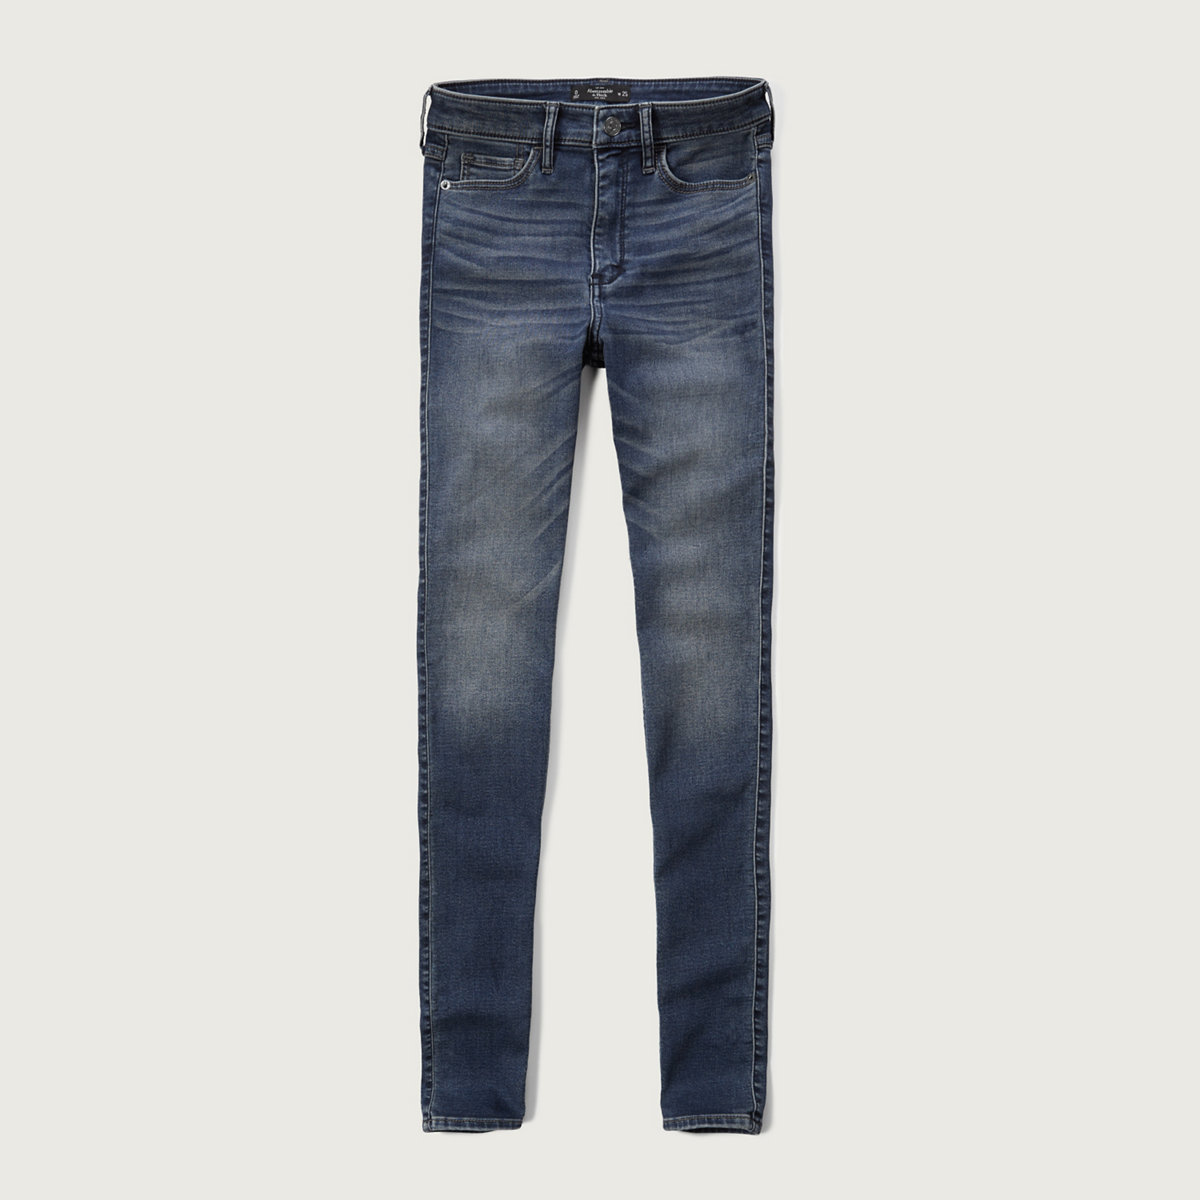 Super Soft High Rise Super Skinny Jeans